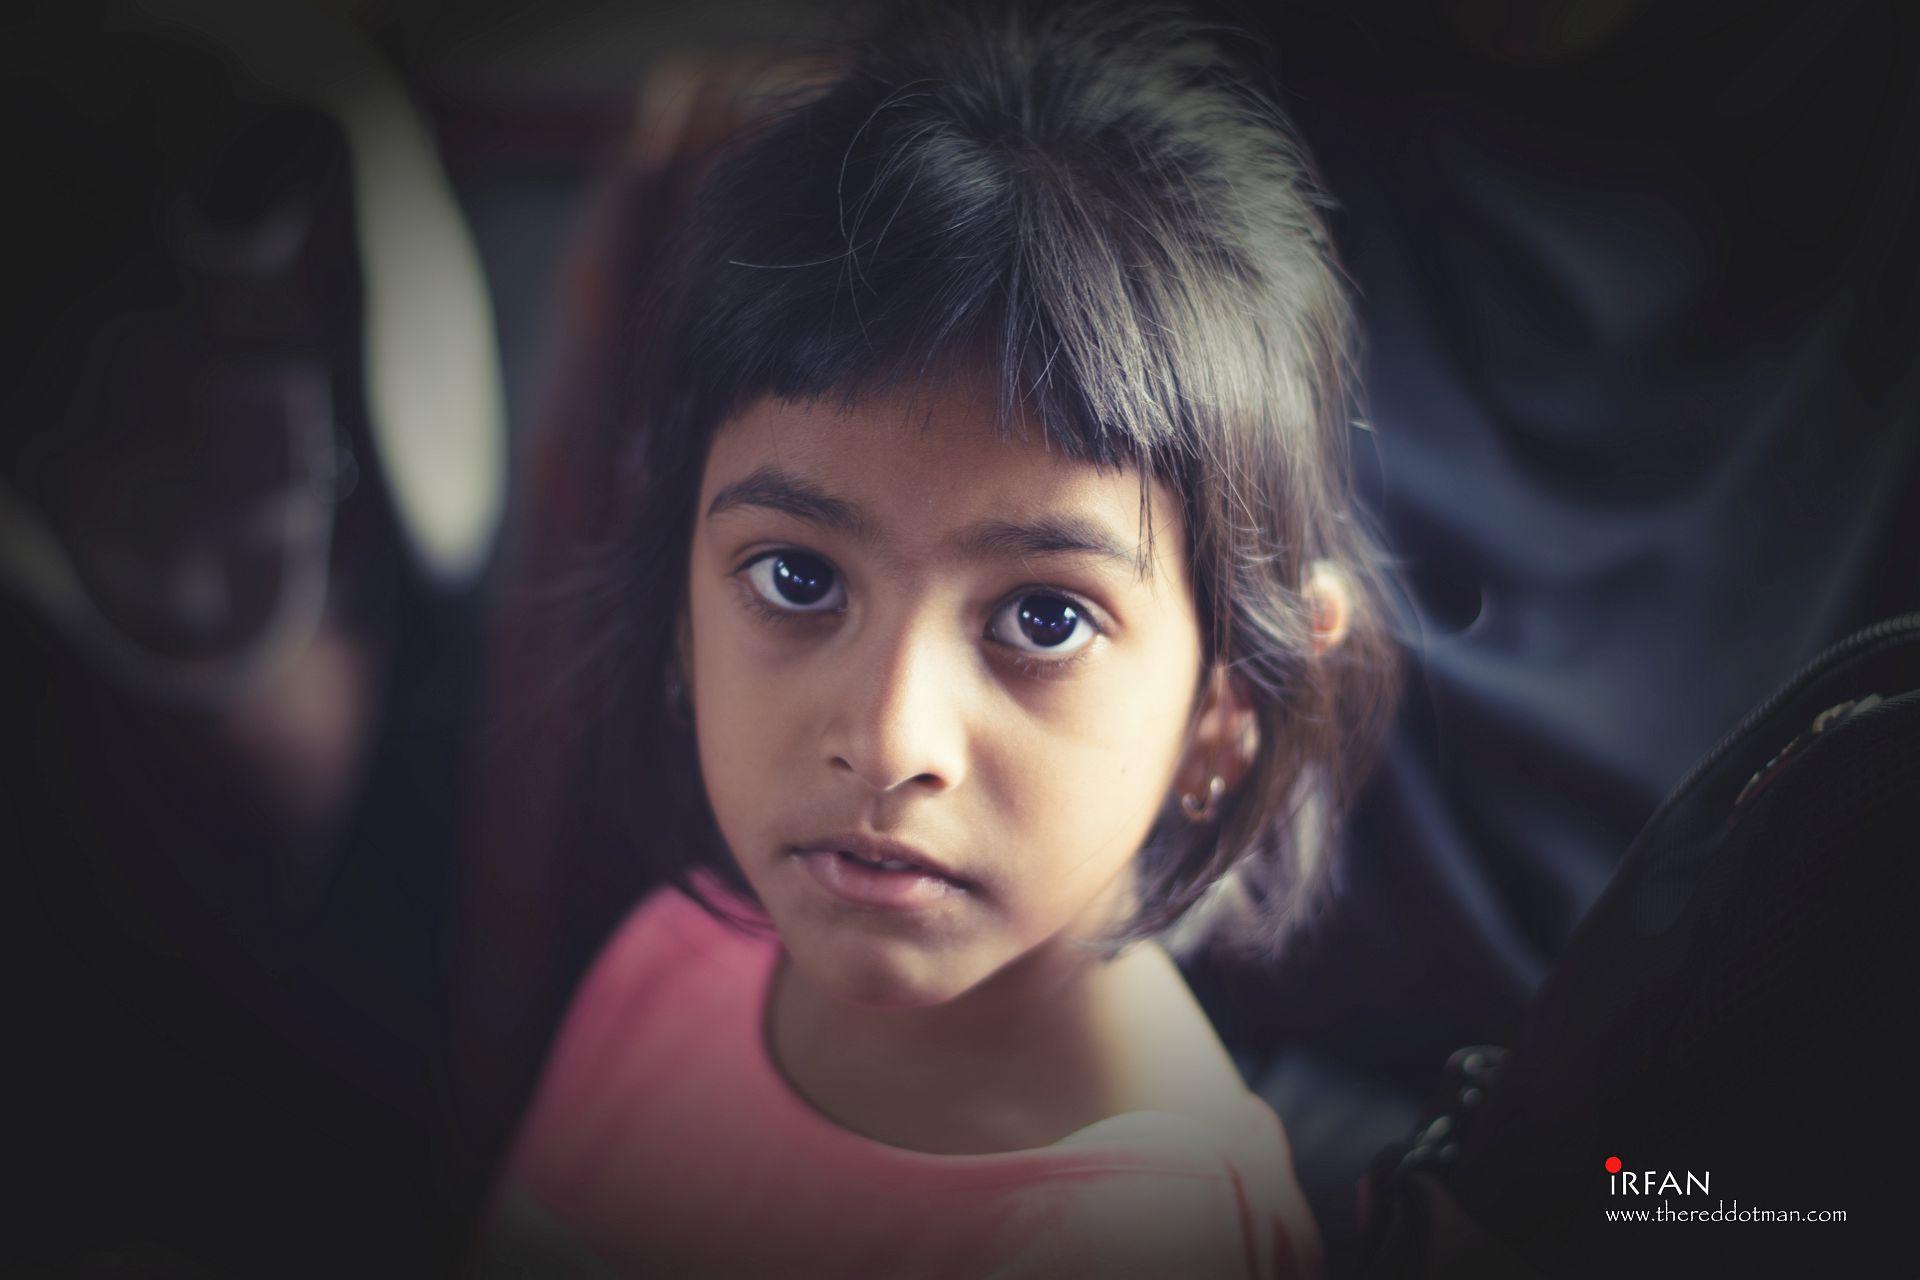 Anum, my niece.